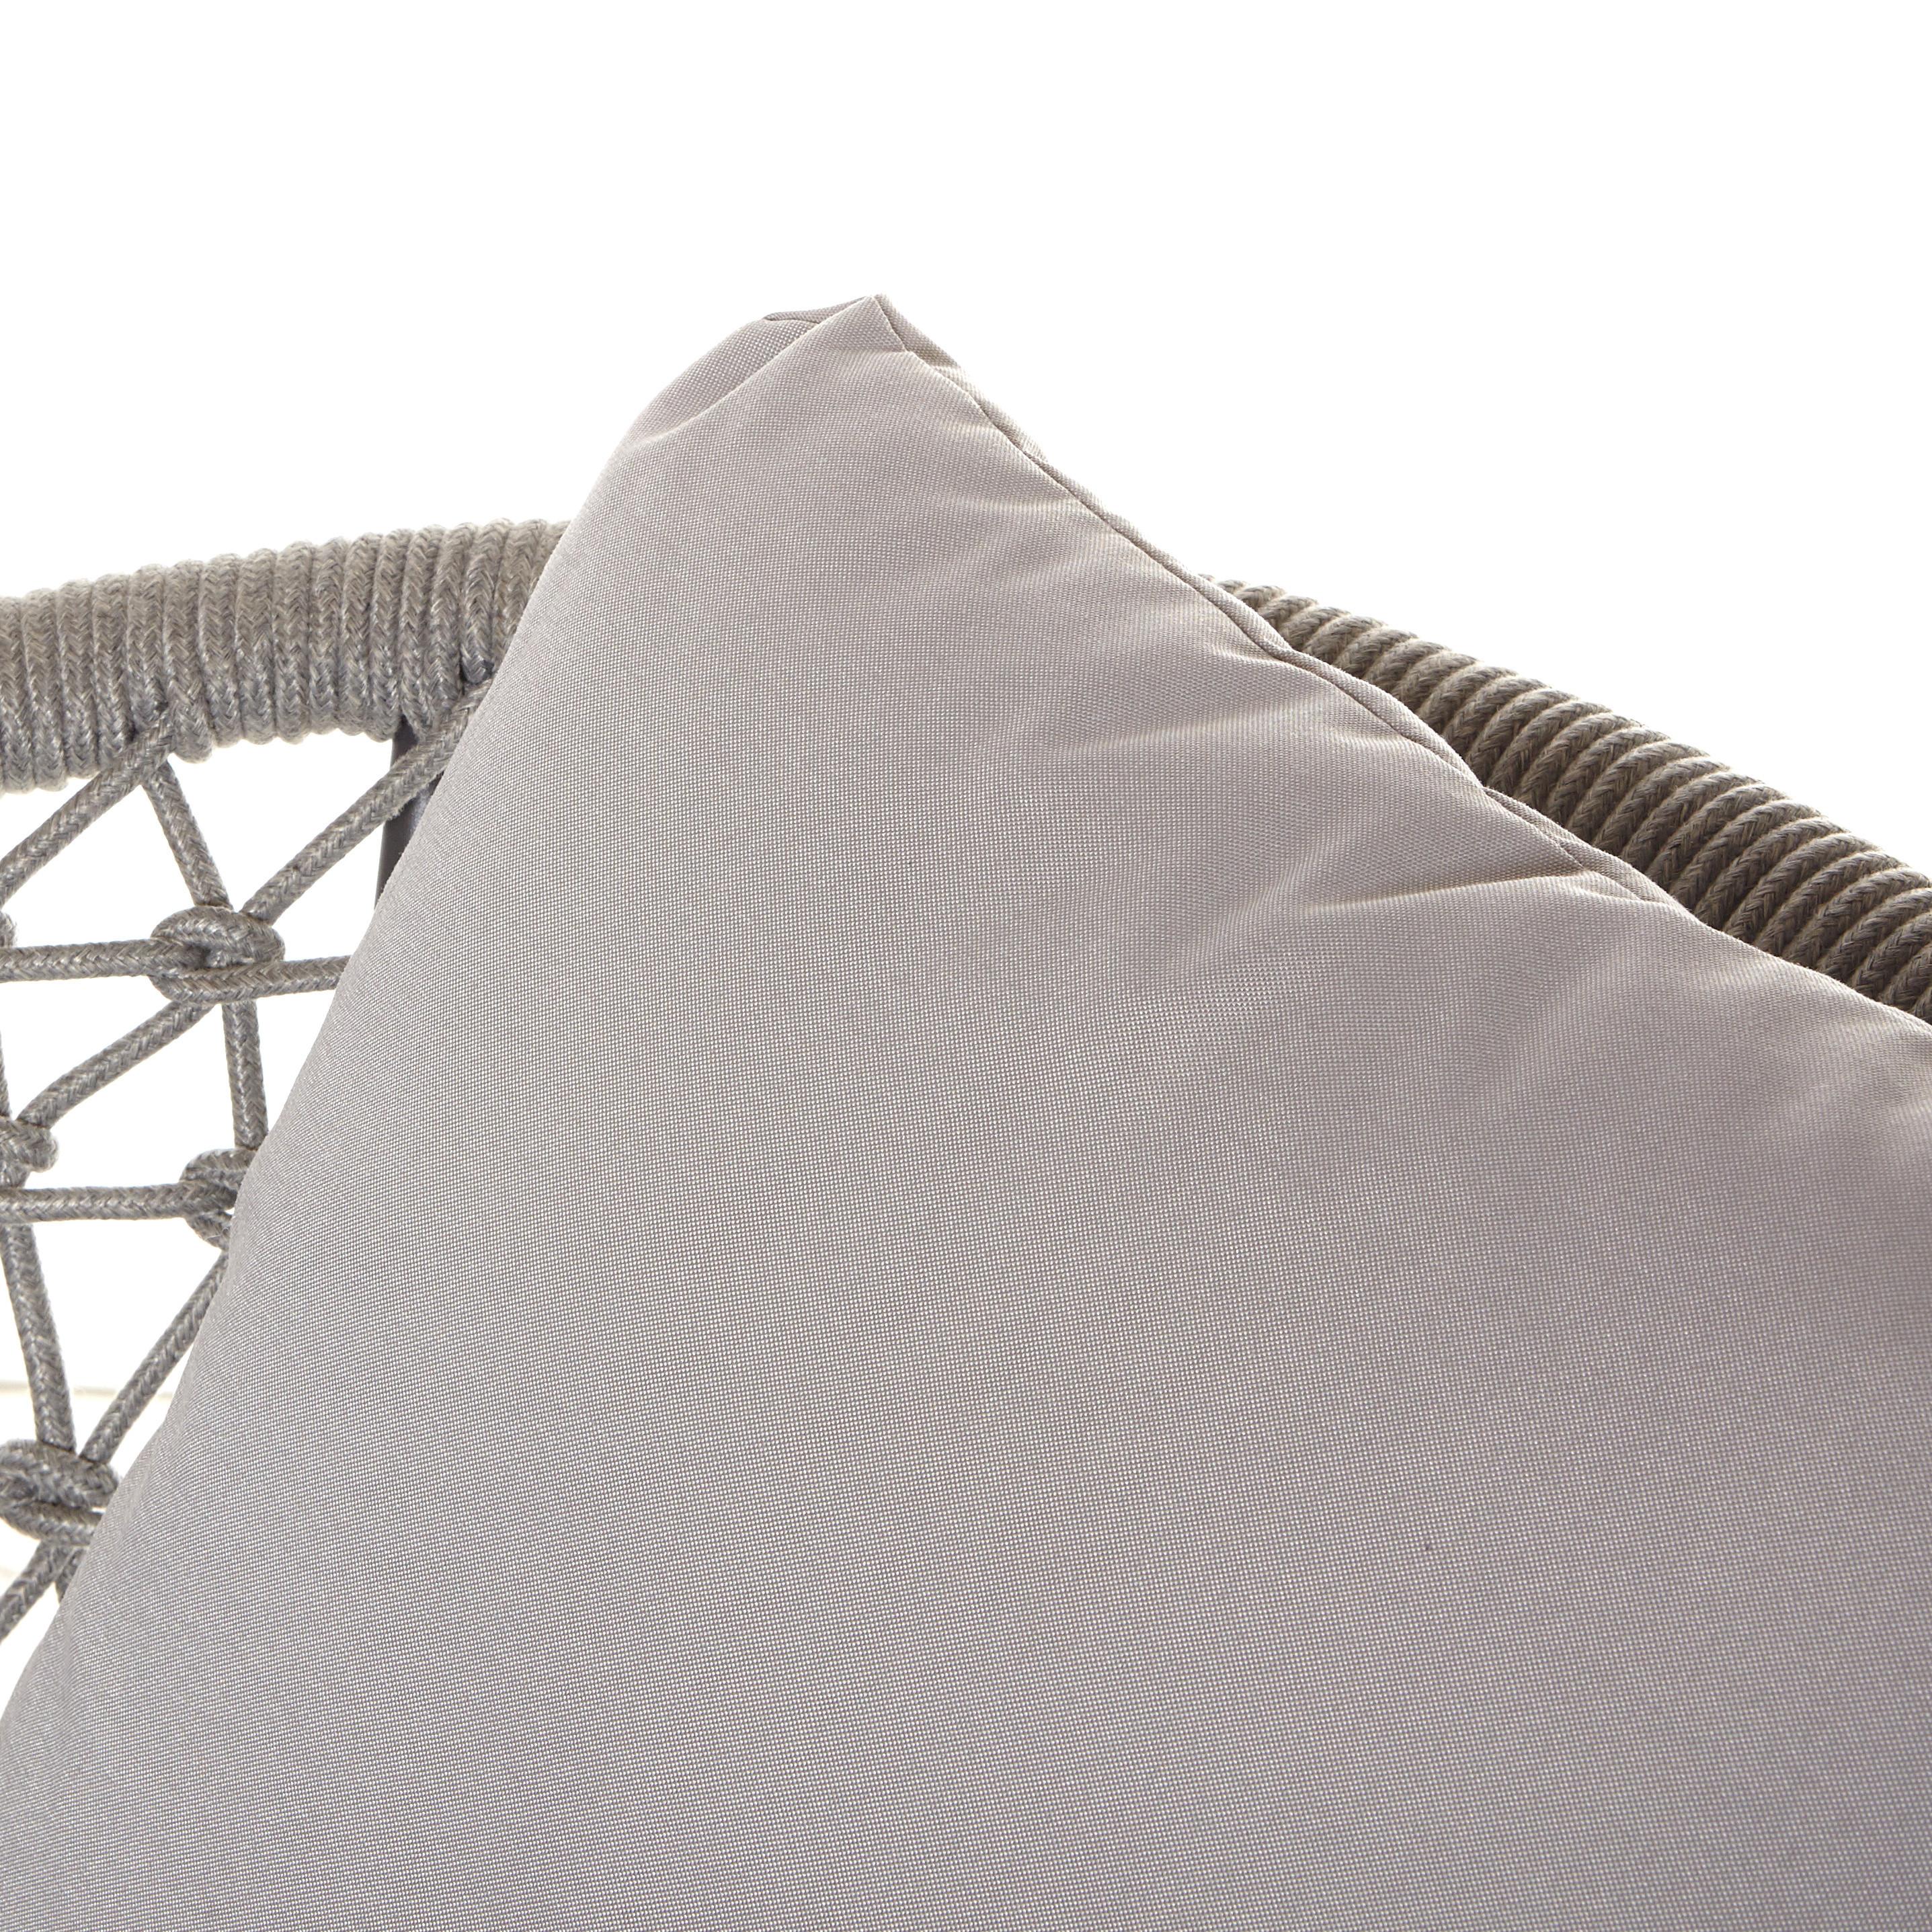 Poltrona in corda e alluminio Seychelles, Grigio chiaro, large image number 1